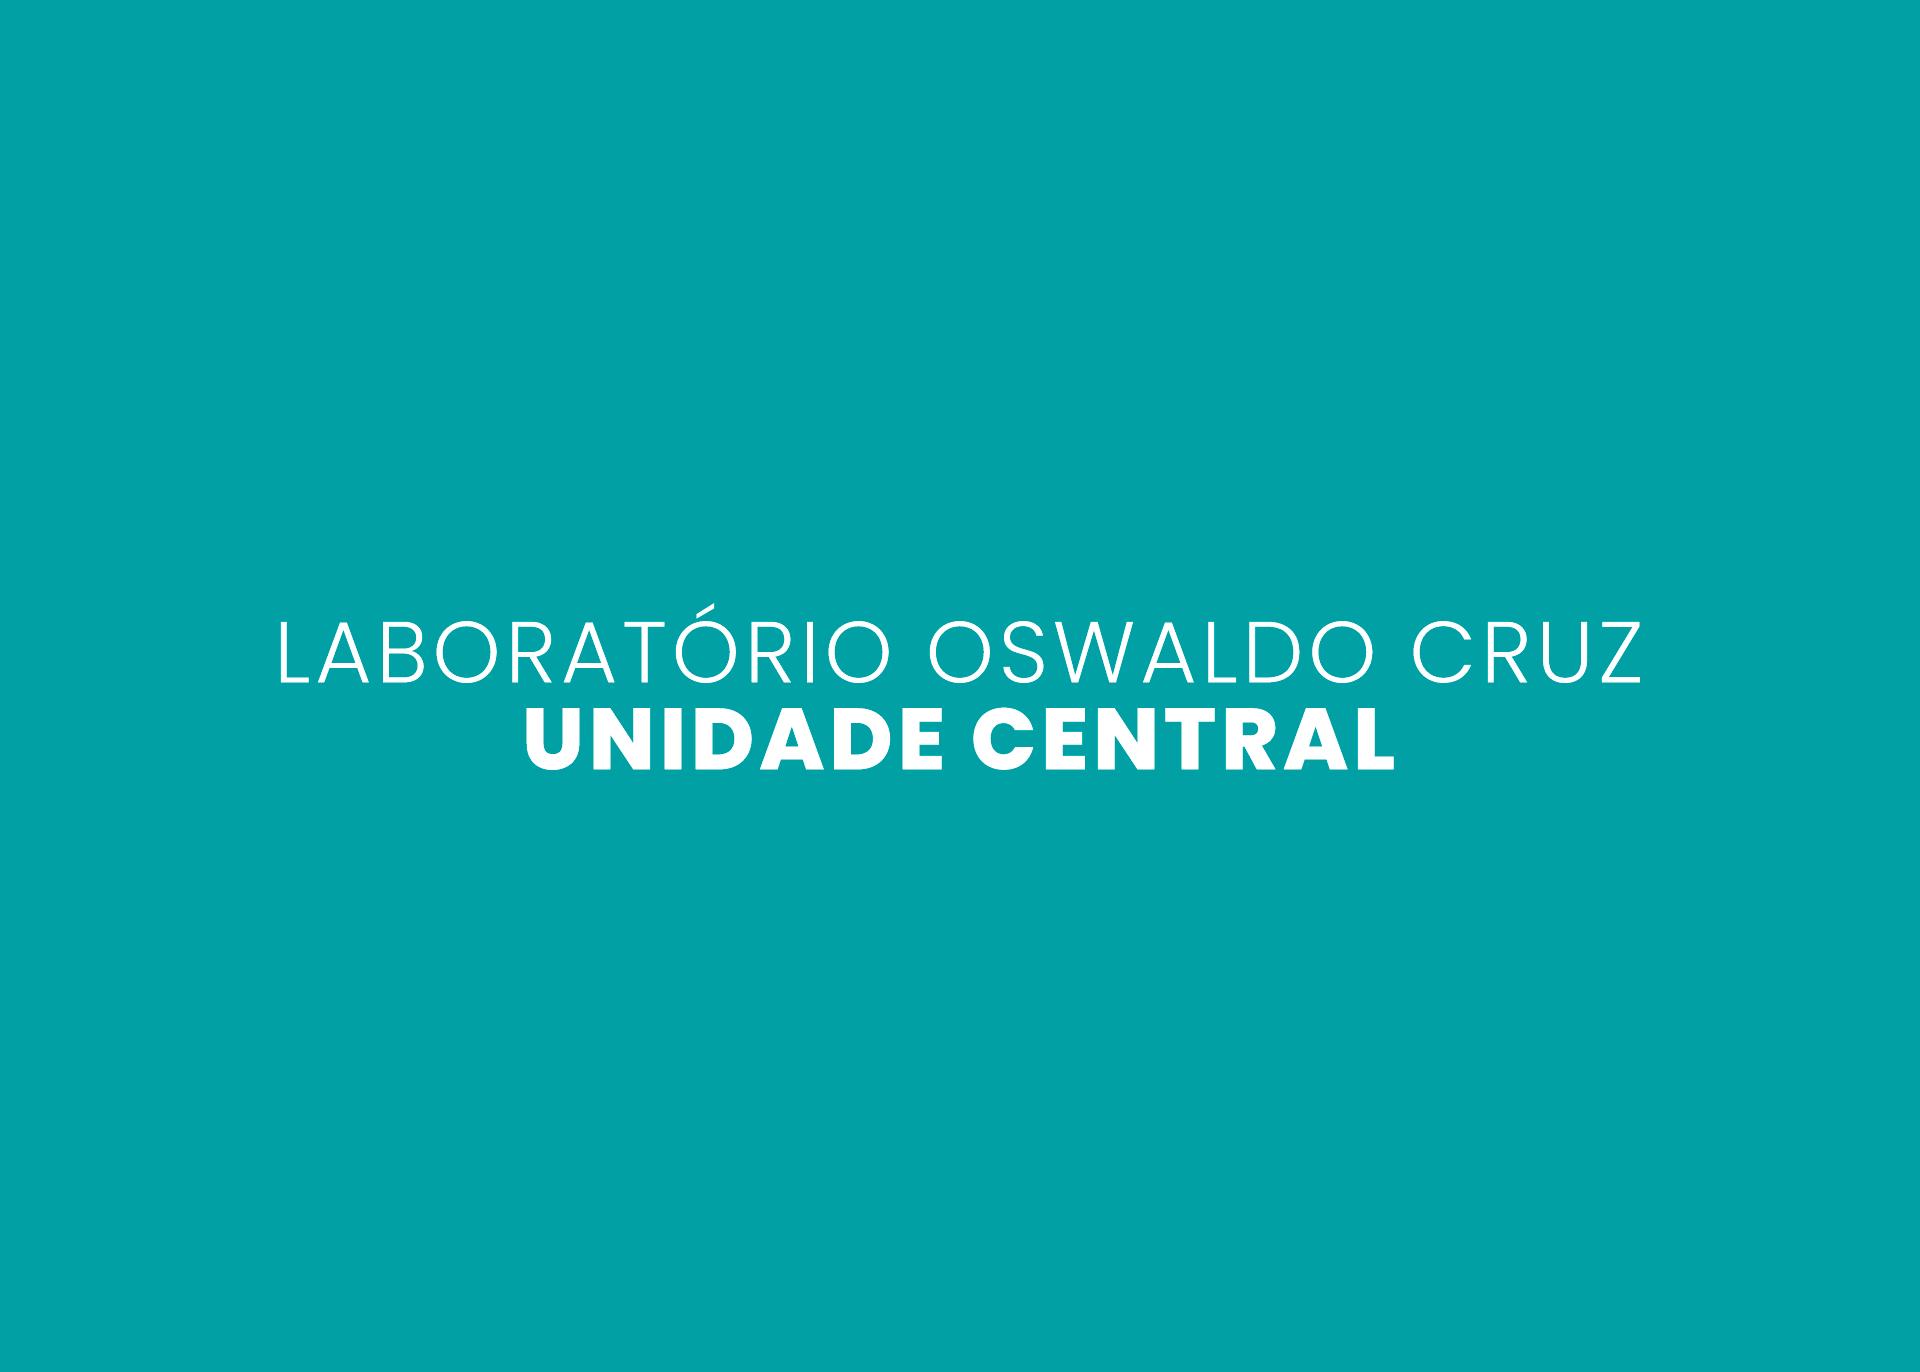 Laboratório Oswaldo Cruz - Unidade Central